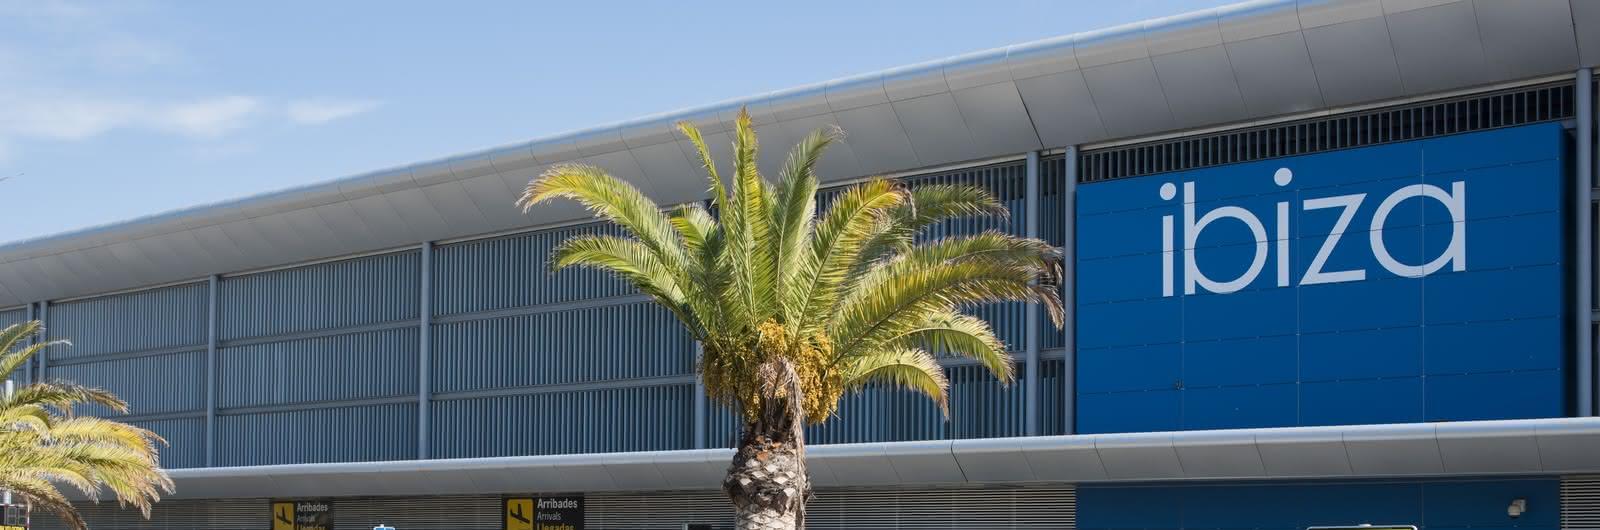 ibiza airport header